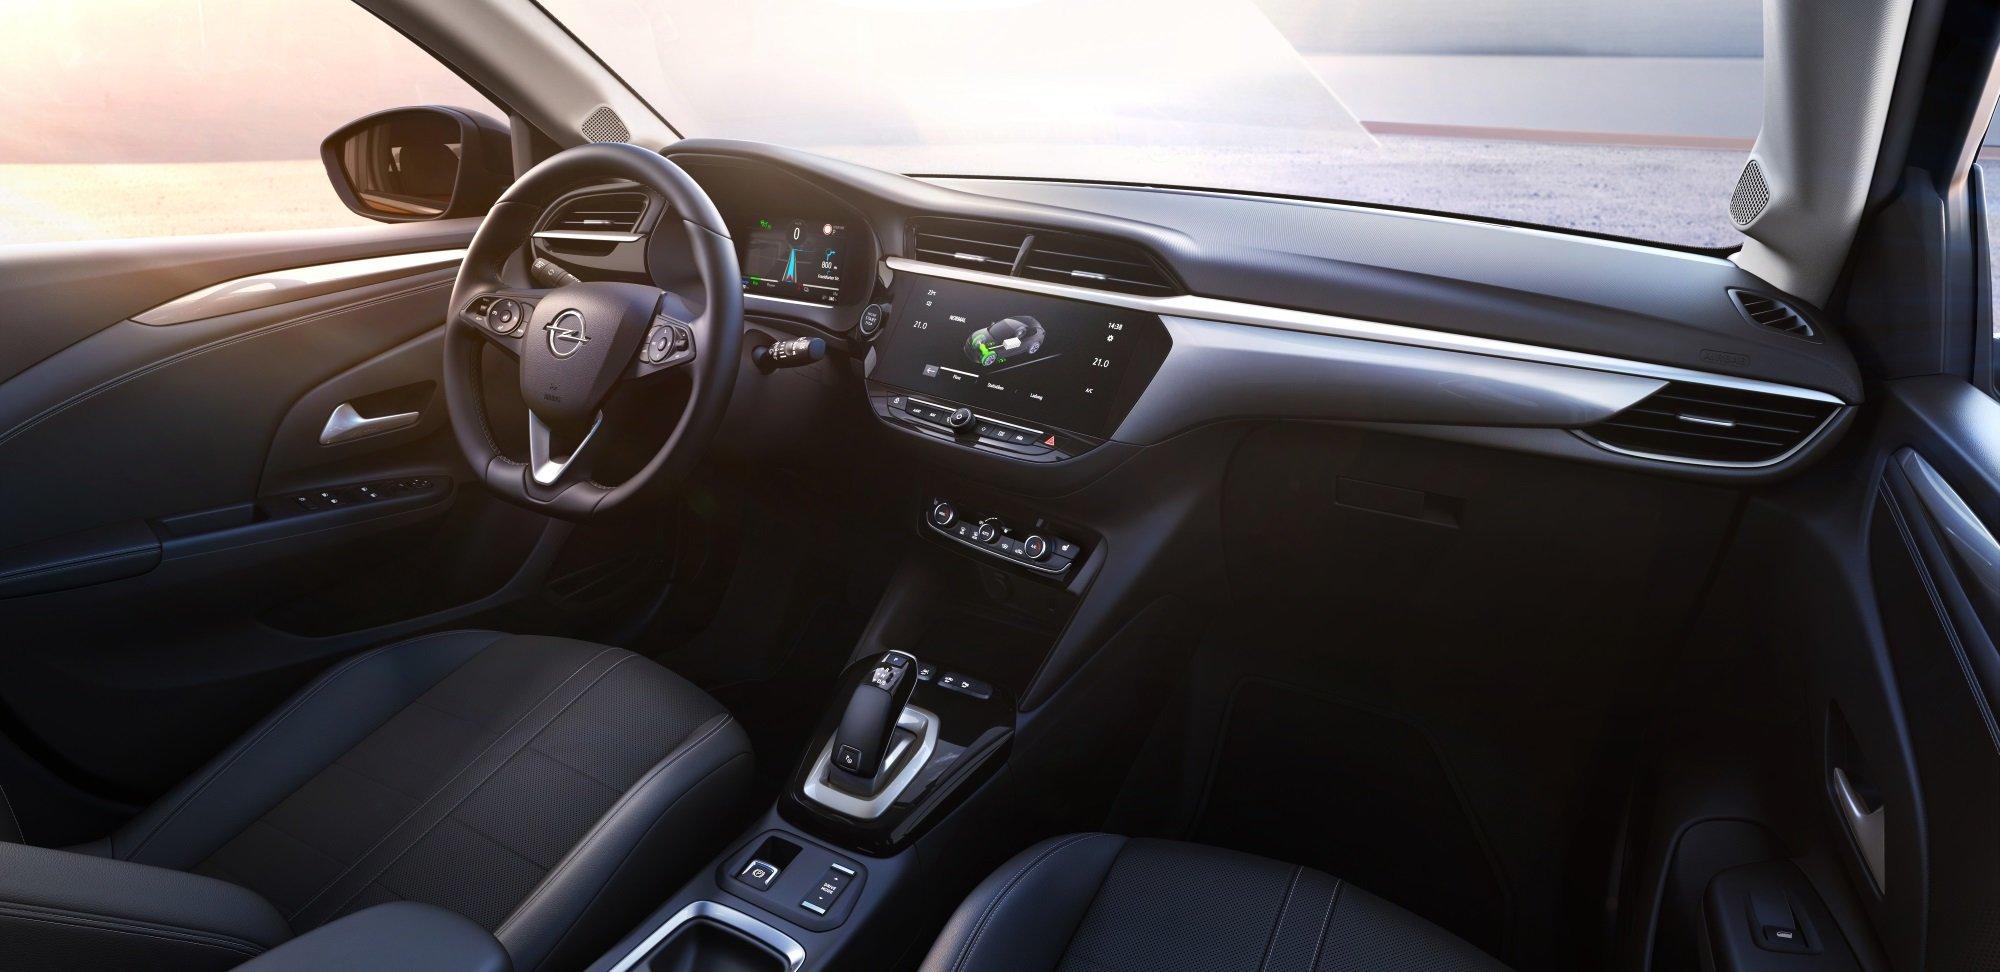 Новое поколение Opel Corsa начало путь с электромобиля